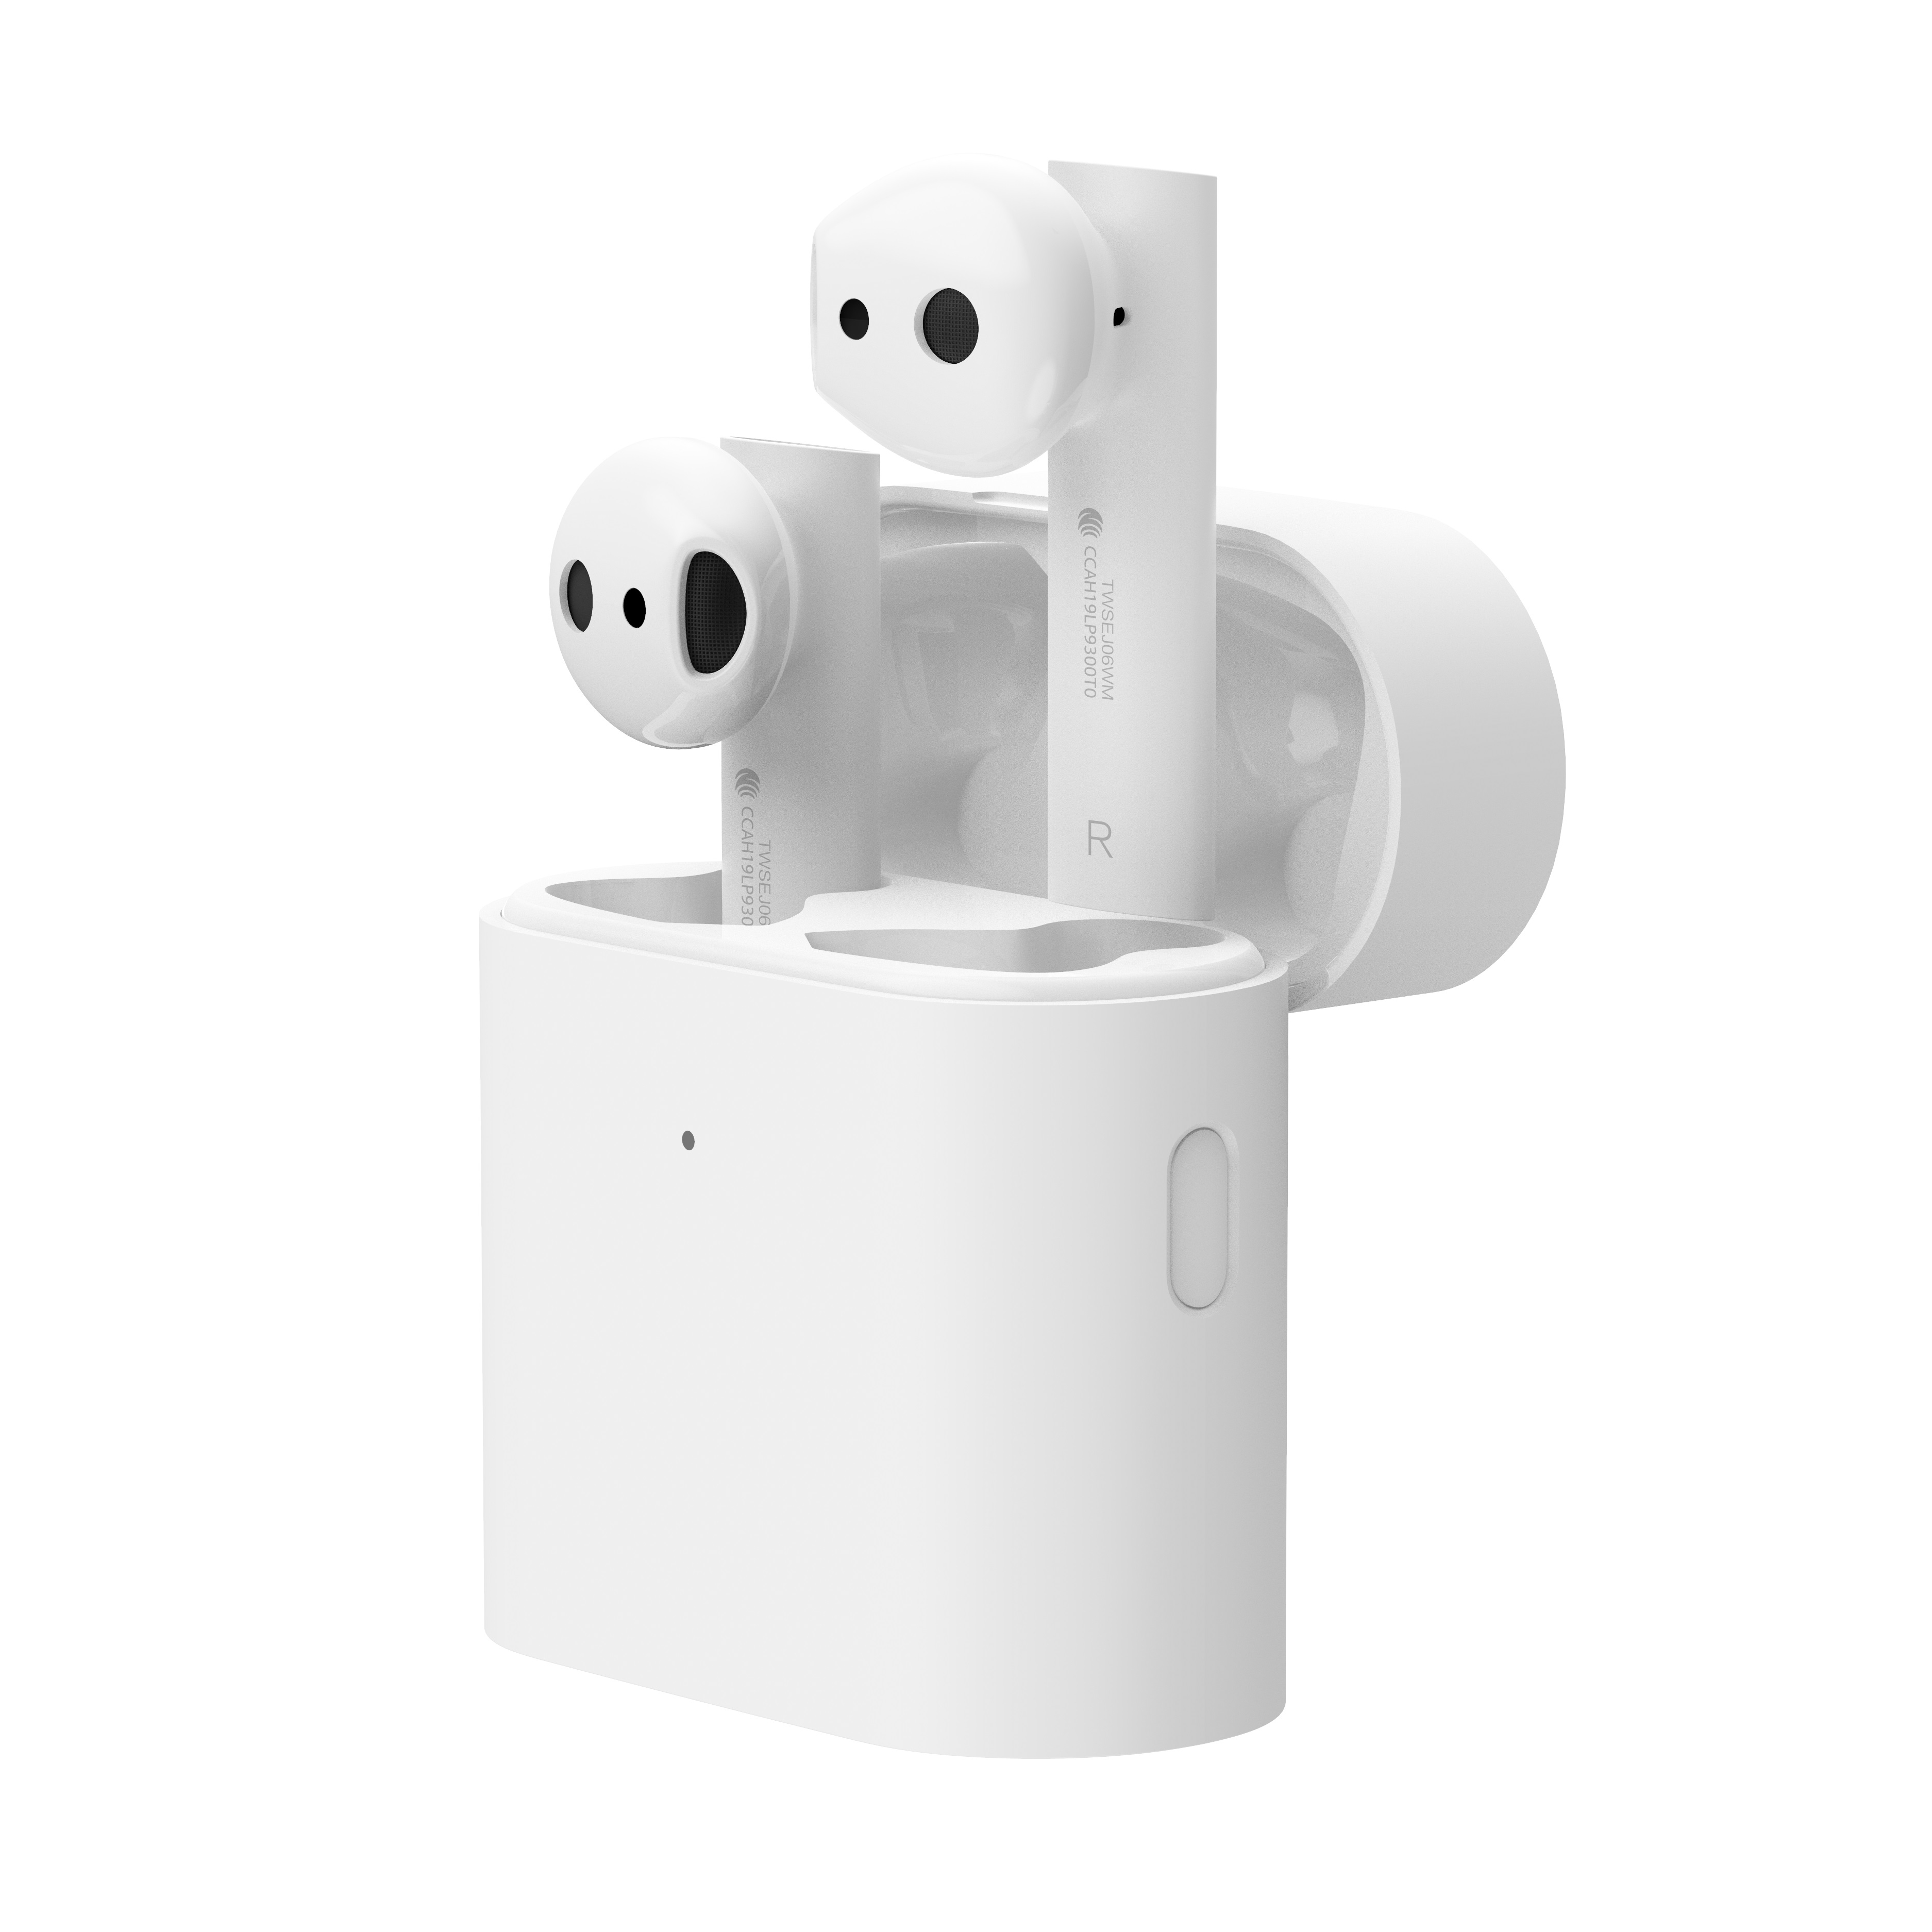 Mi True Wireless Earphones 2 - Bluetooth vezeték nélküli fülhallgató (LHDC), fehér